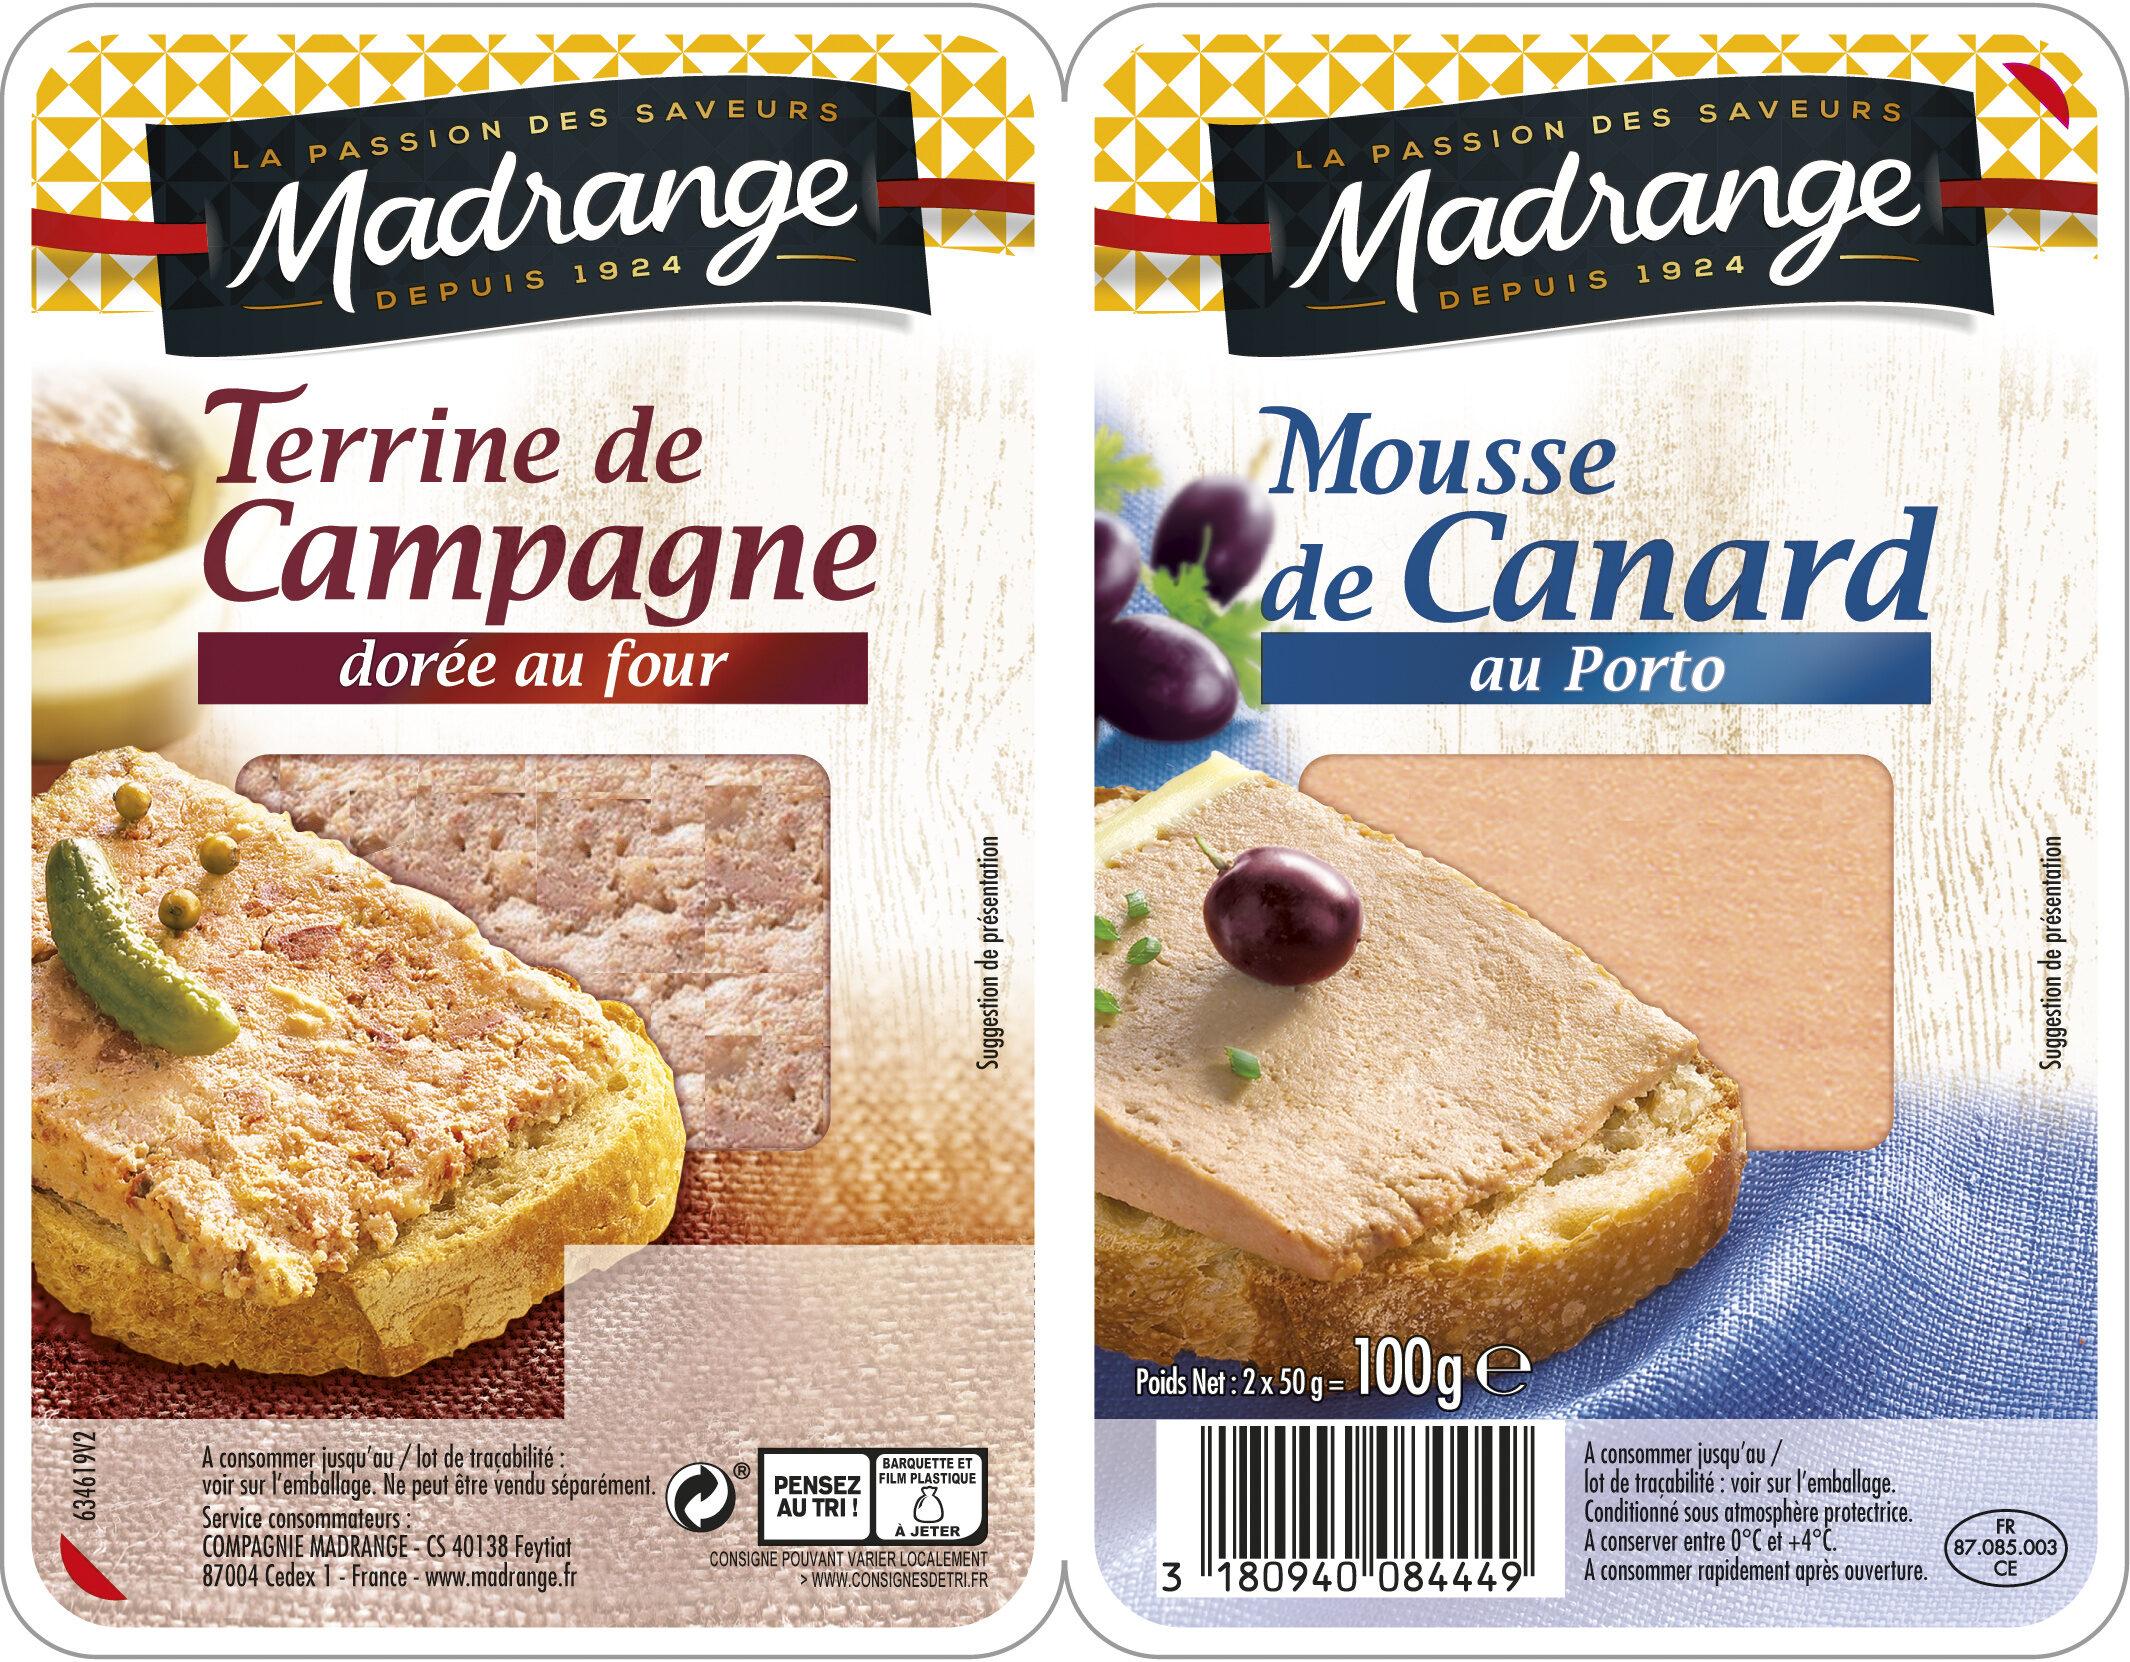 Terrine de campagne / Mousse de canard au Porto - Produit - fr